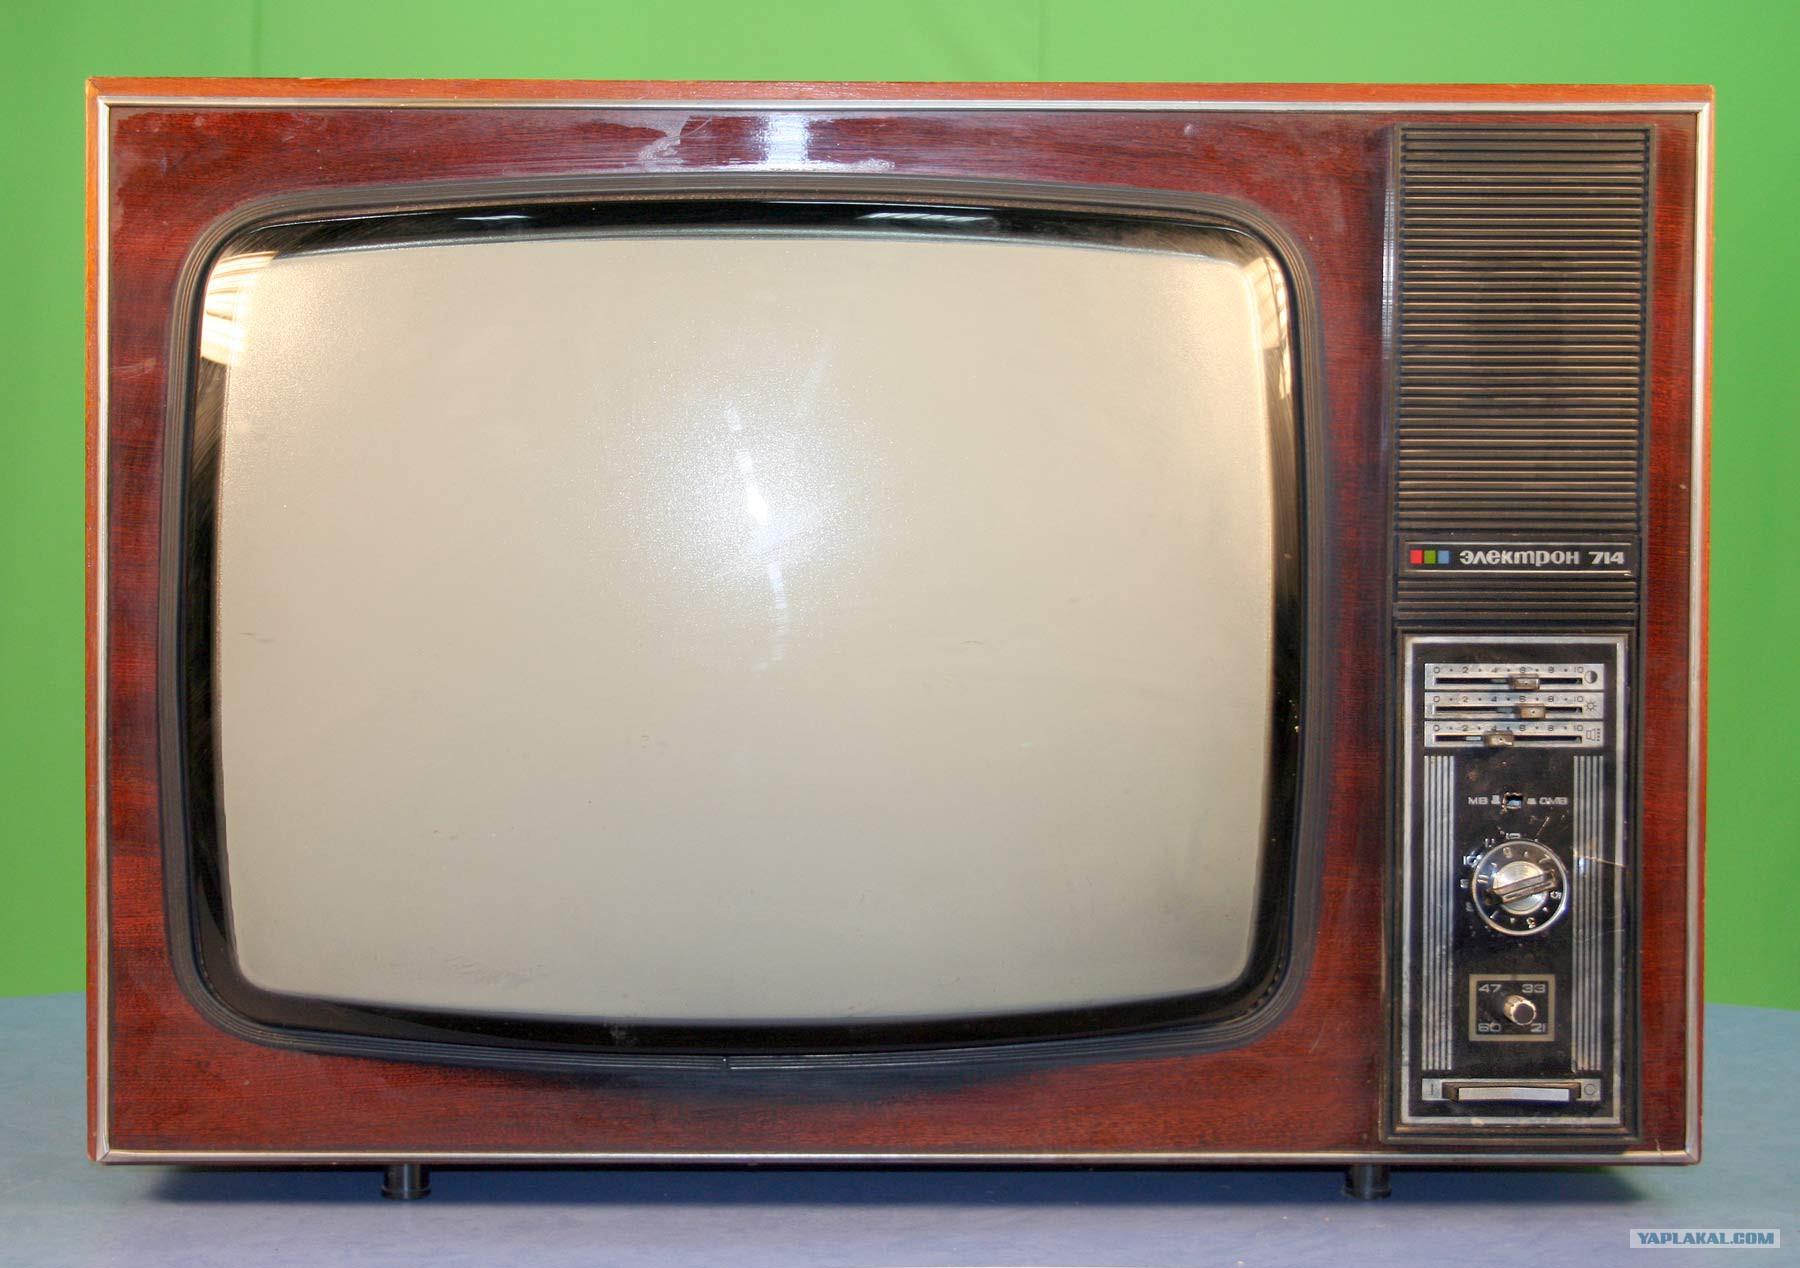 цветоводы картинки телевизоры советского союза разные насадка обеспечивает